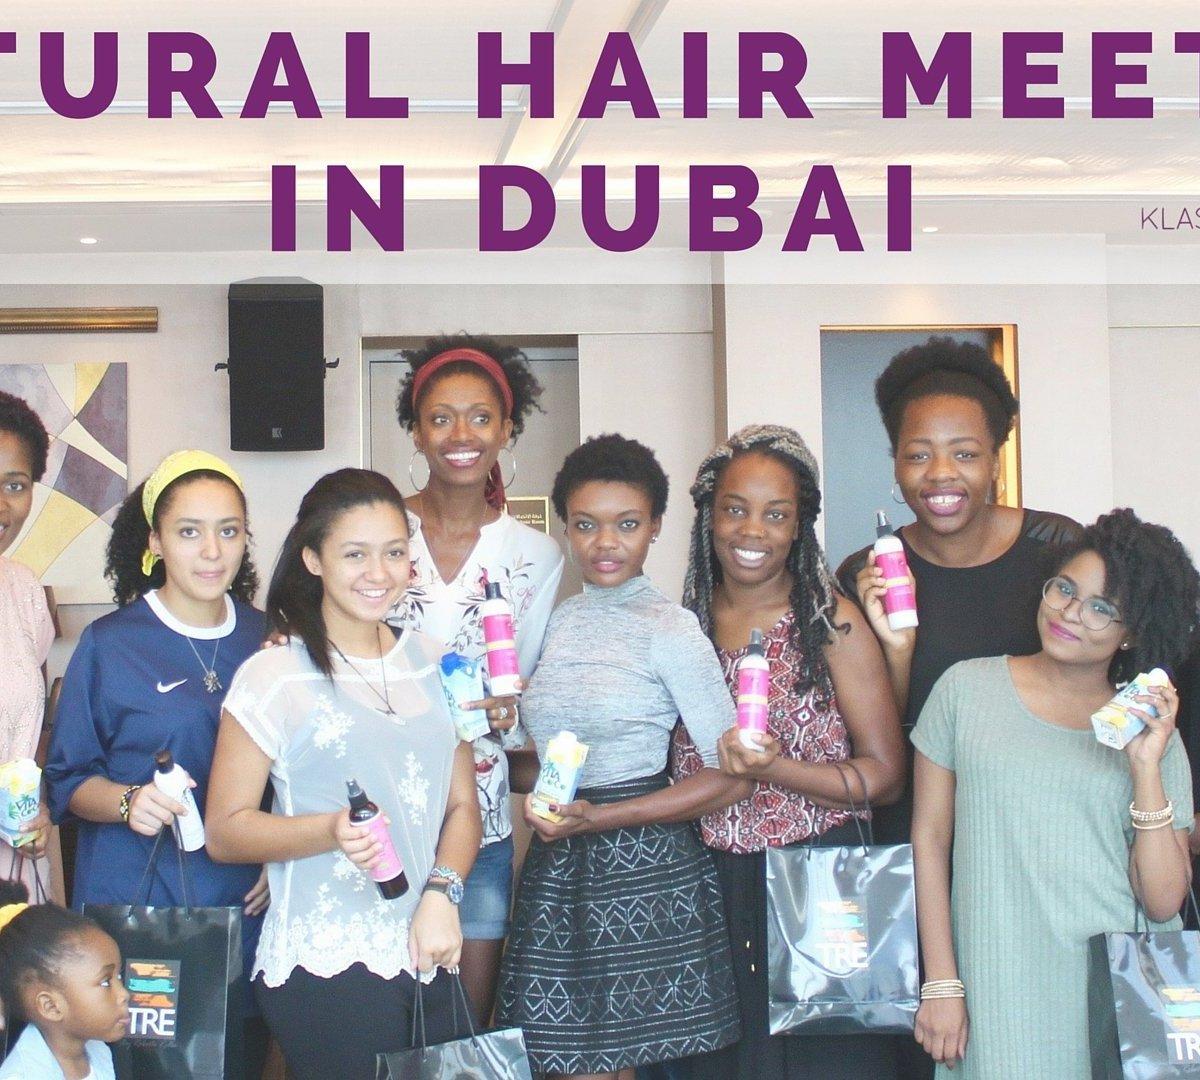 Natural Hair Meetup in Dubai | KlassyKinks.com